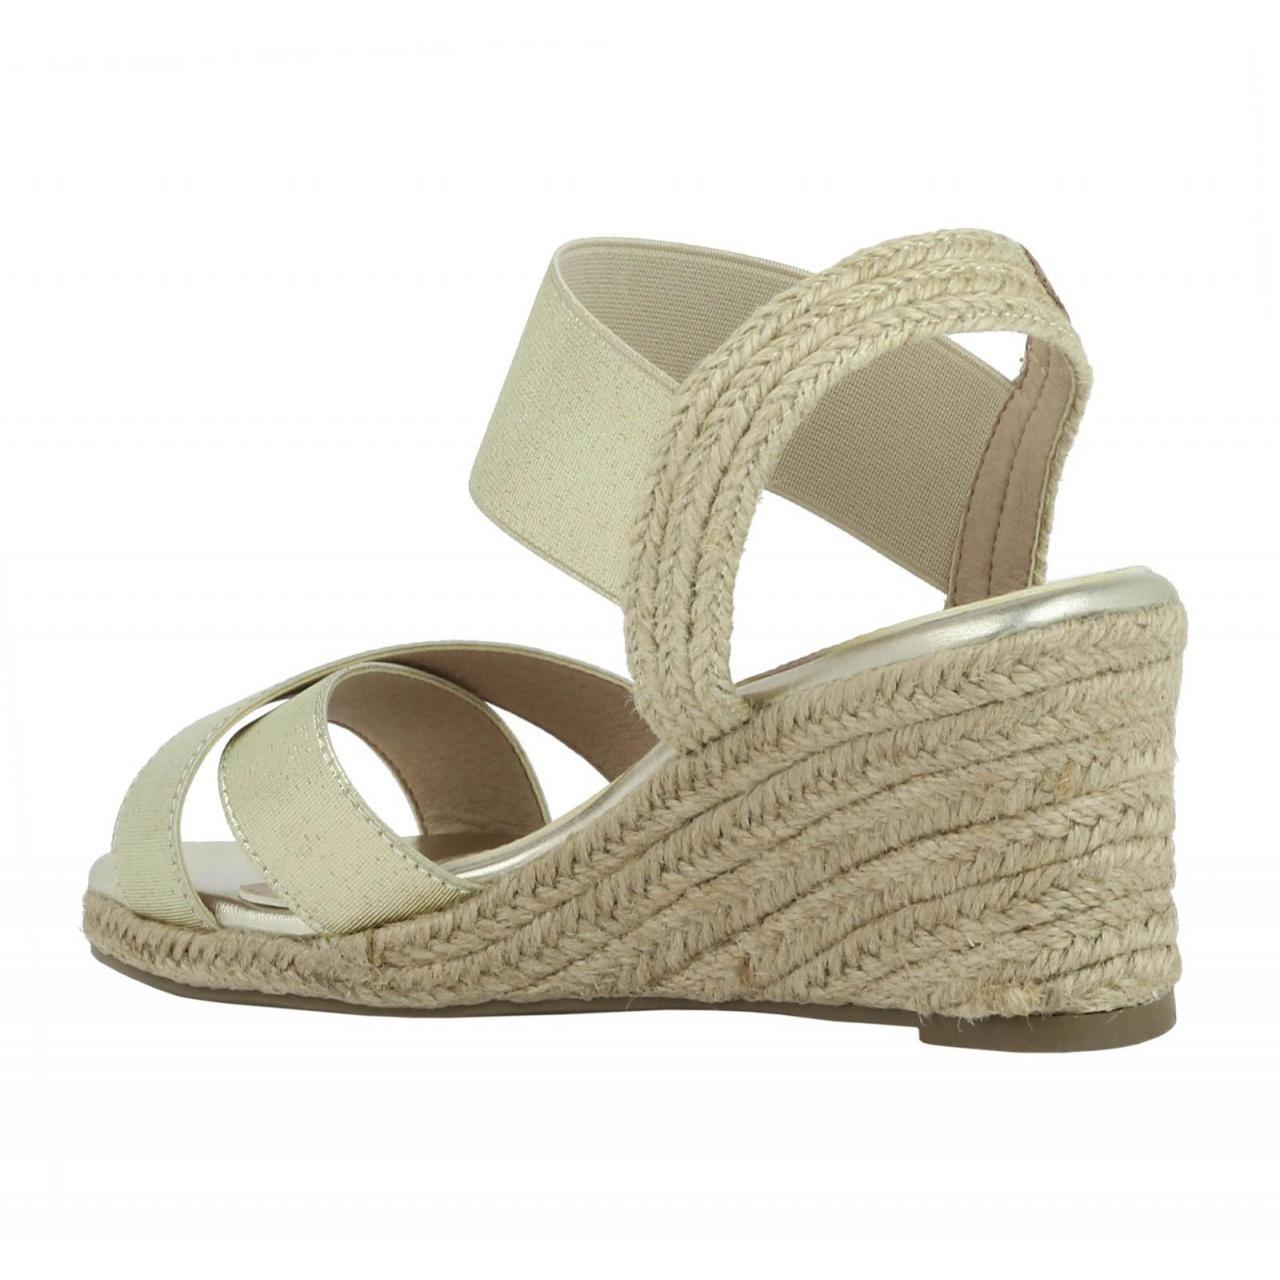 Refresh Refresh Refresh Schuhe Keilabsatz für Damen 61778 Elast Gold e53325